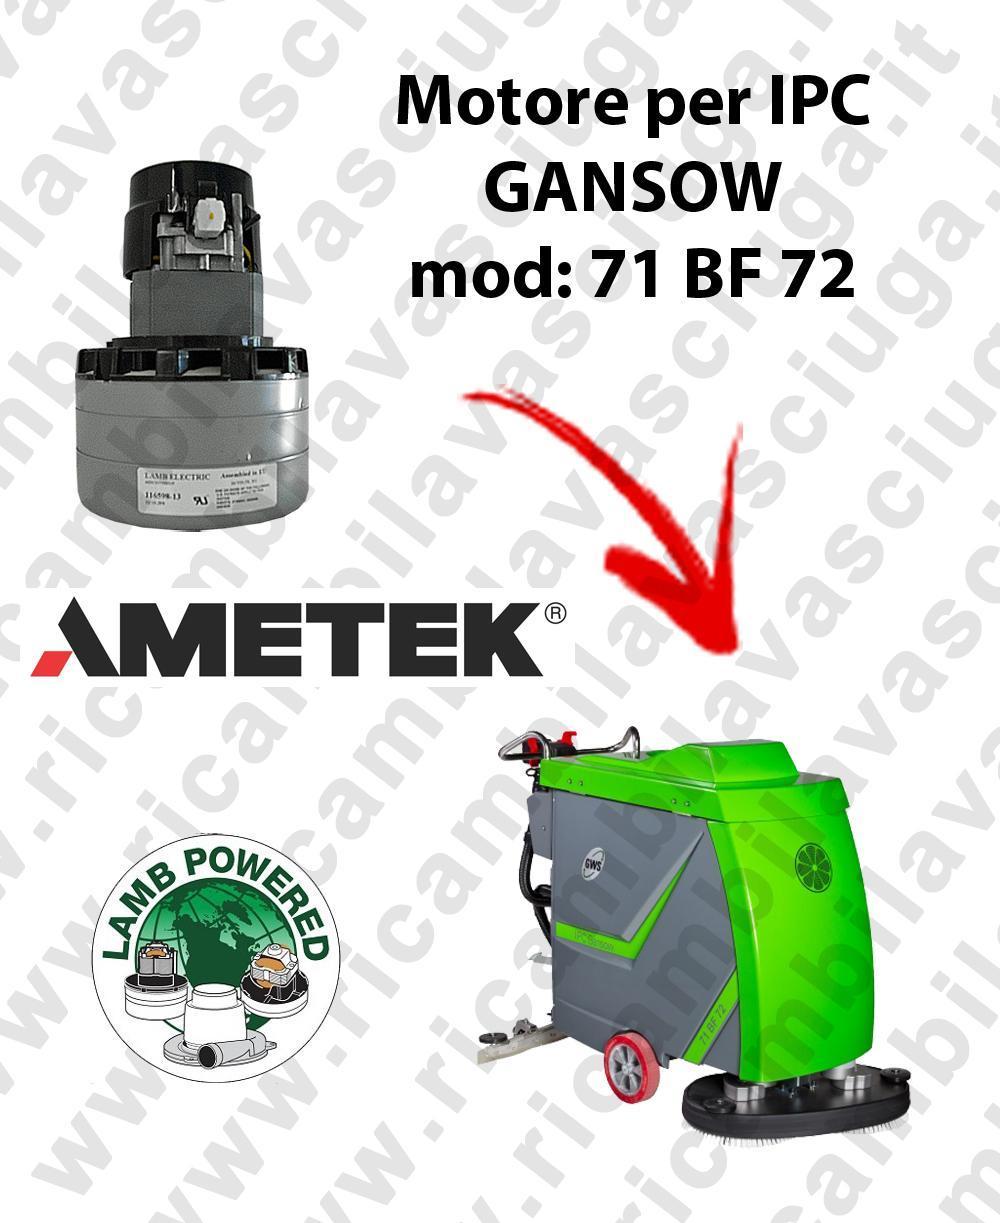 71 BF 72 MOTEUR ASPIRATION LAMB AMATEK pour autolaveuses IPC GANSOW